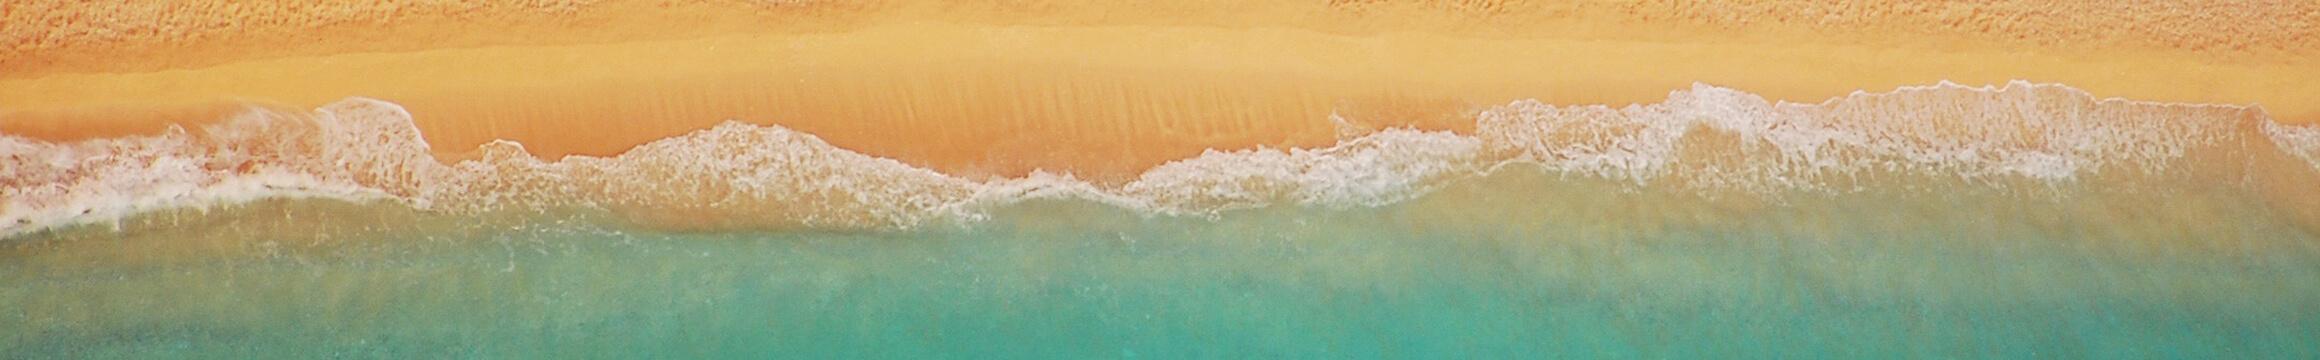 Ocean Beach 04